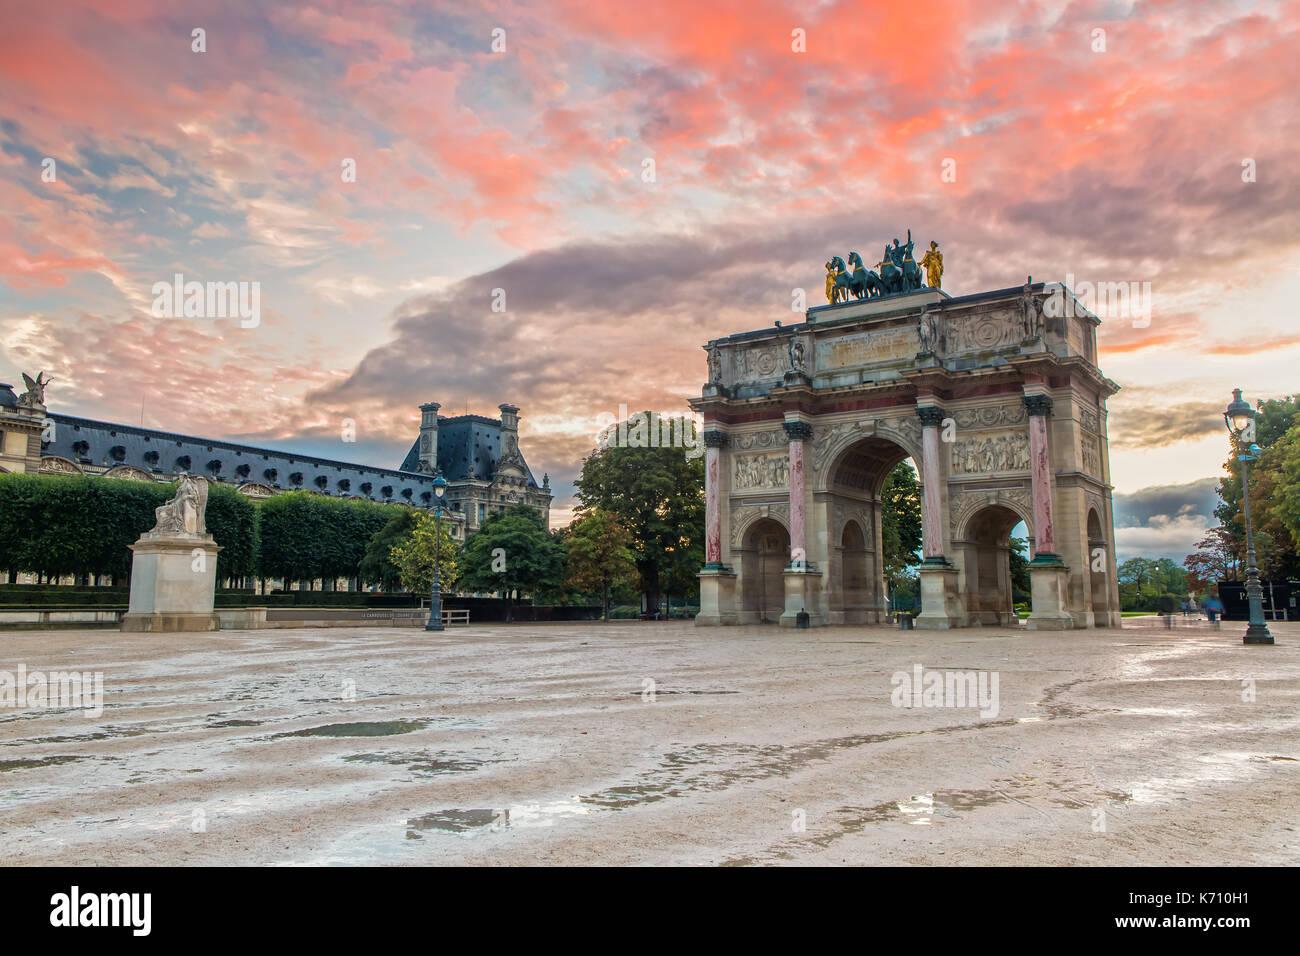 Arc de Triomphe du Carrousel at Sunset - Stock Image